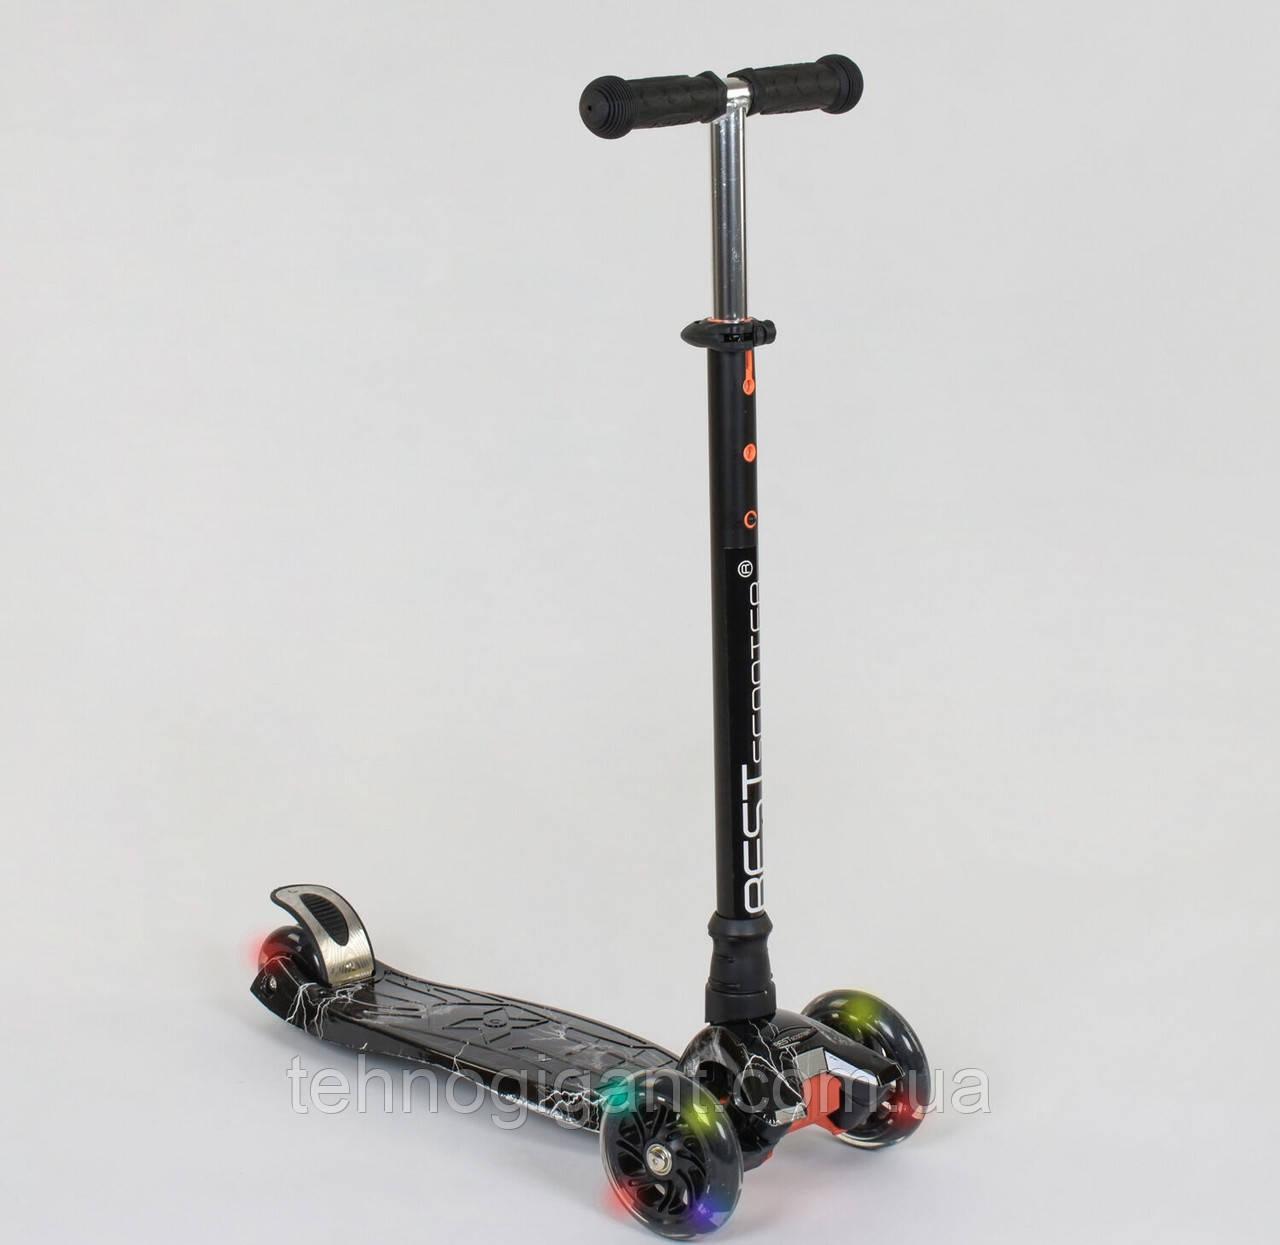 Самокат трехколесный со светящимися колесами черный Best Scooter MAXI , 4 колеса PU, трубка руля алюминий